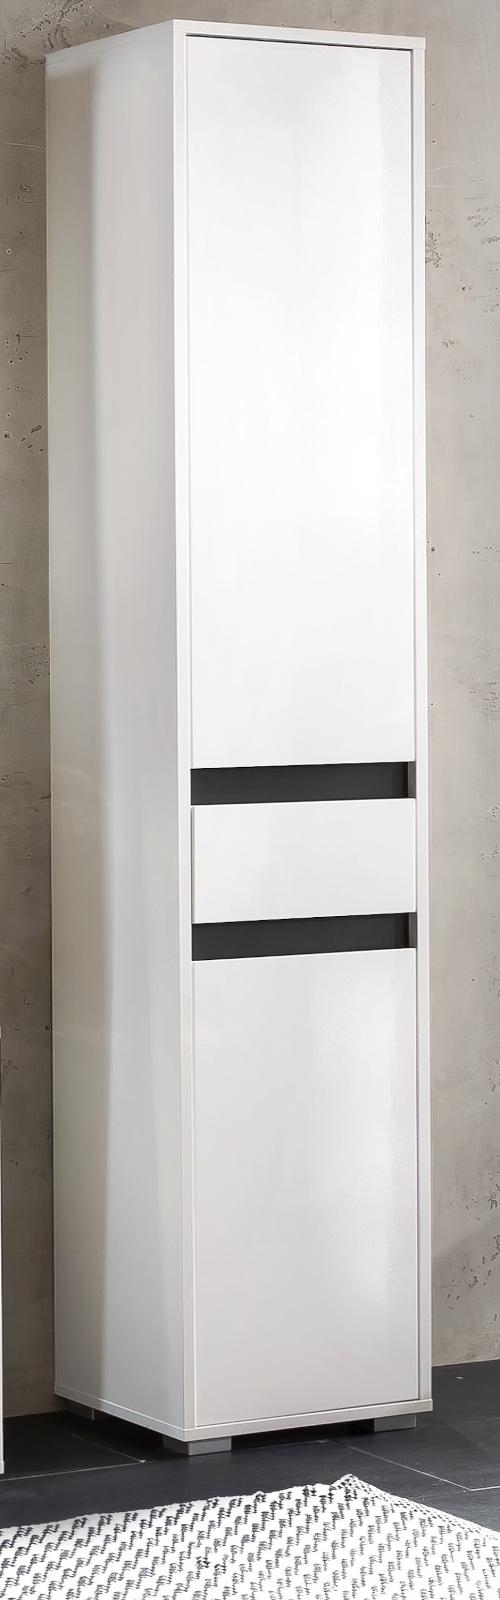 badezimmer hochschrank sol hochglanz wei. Black Bedroom Furniture Sets. Home Design Ideas